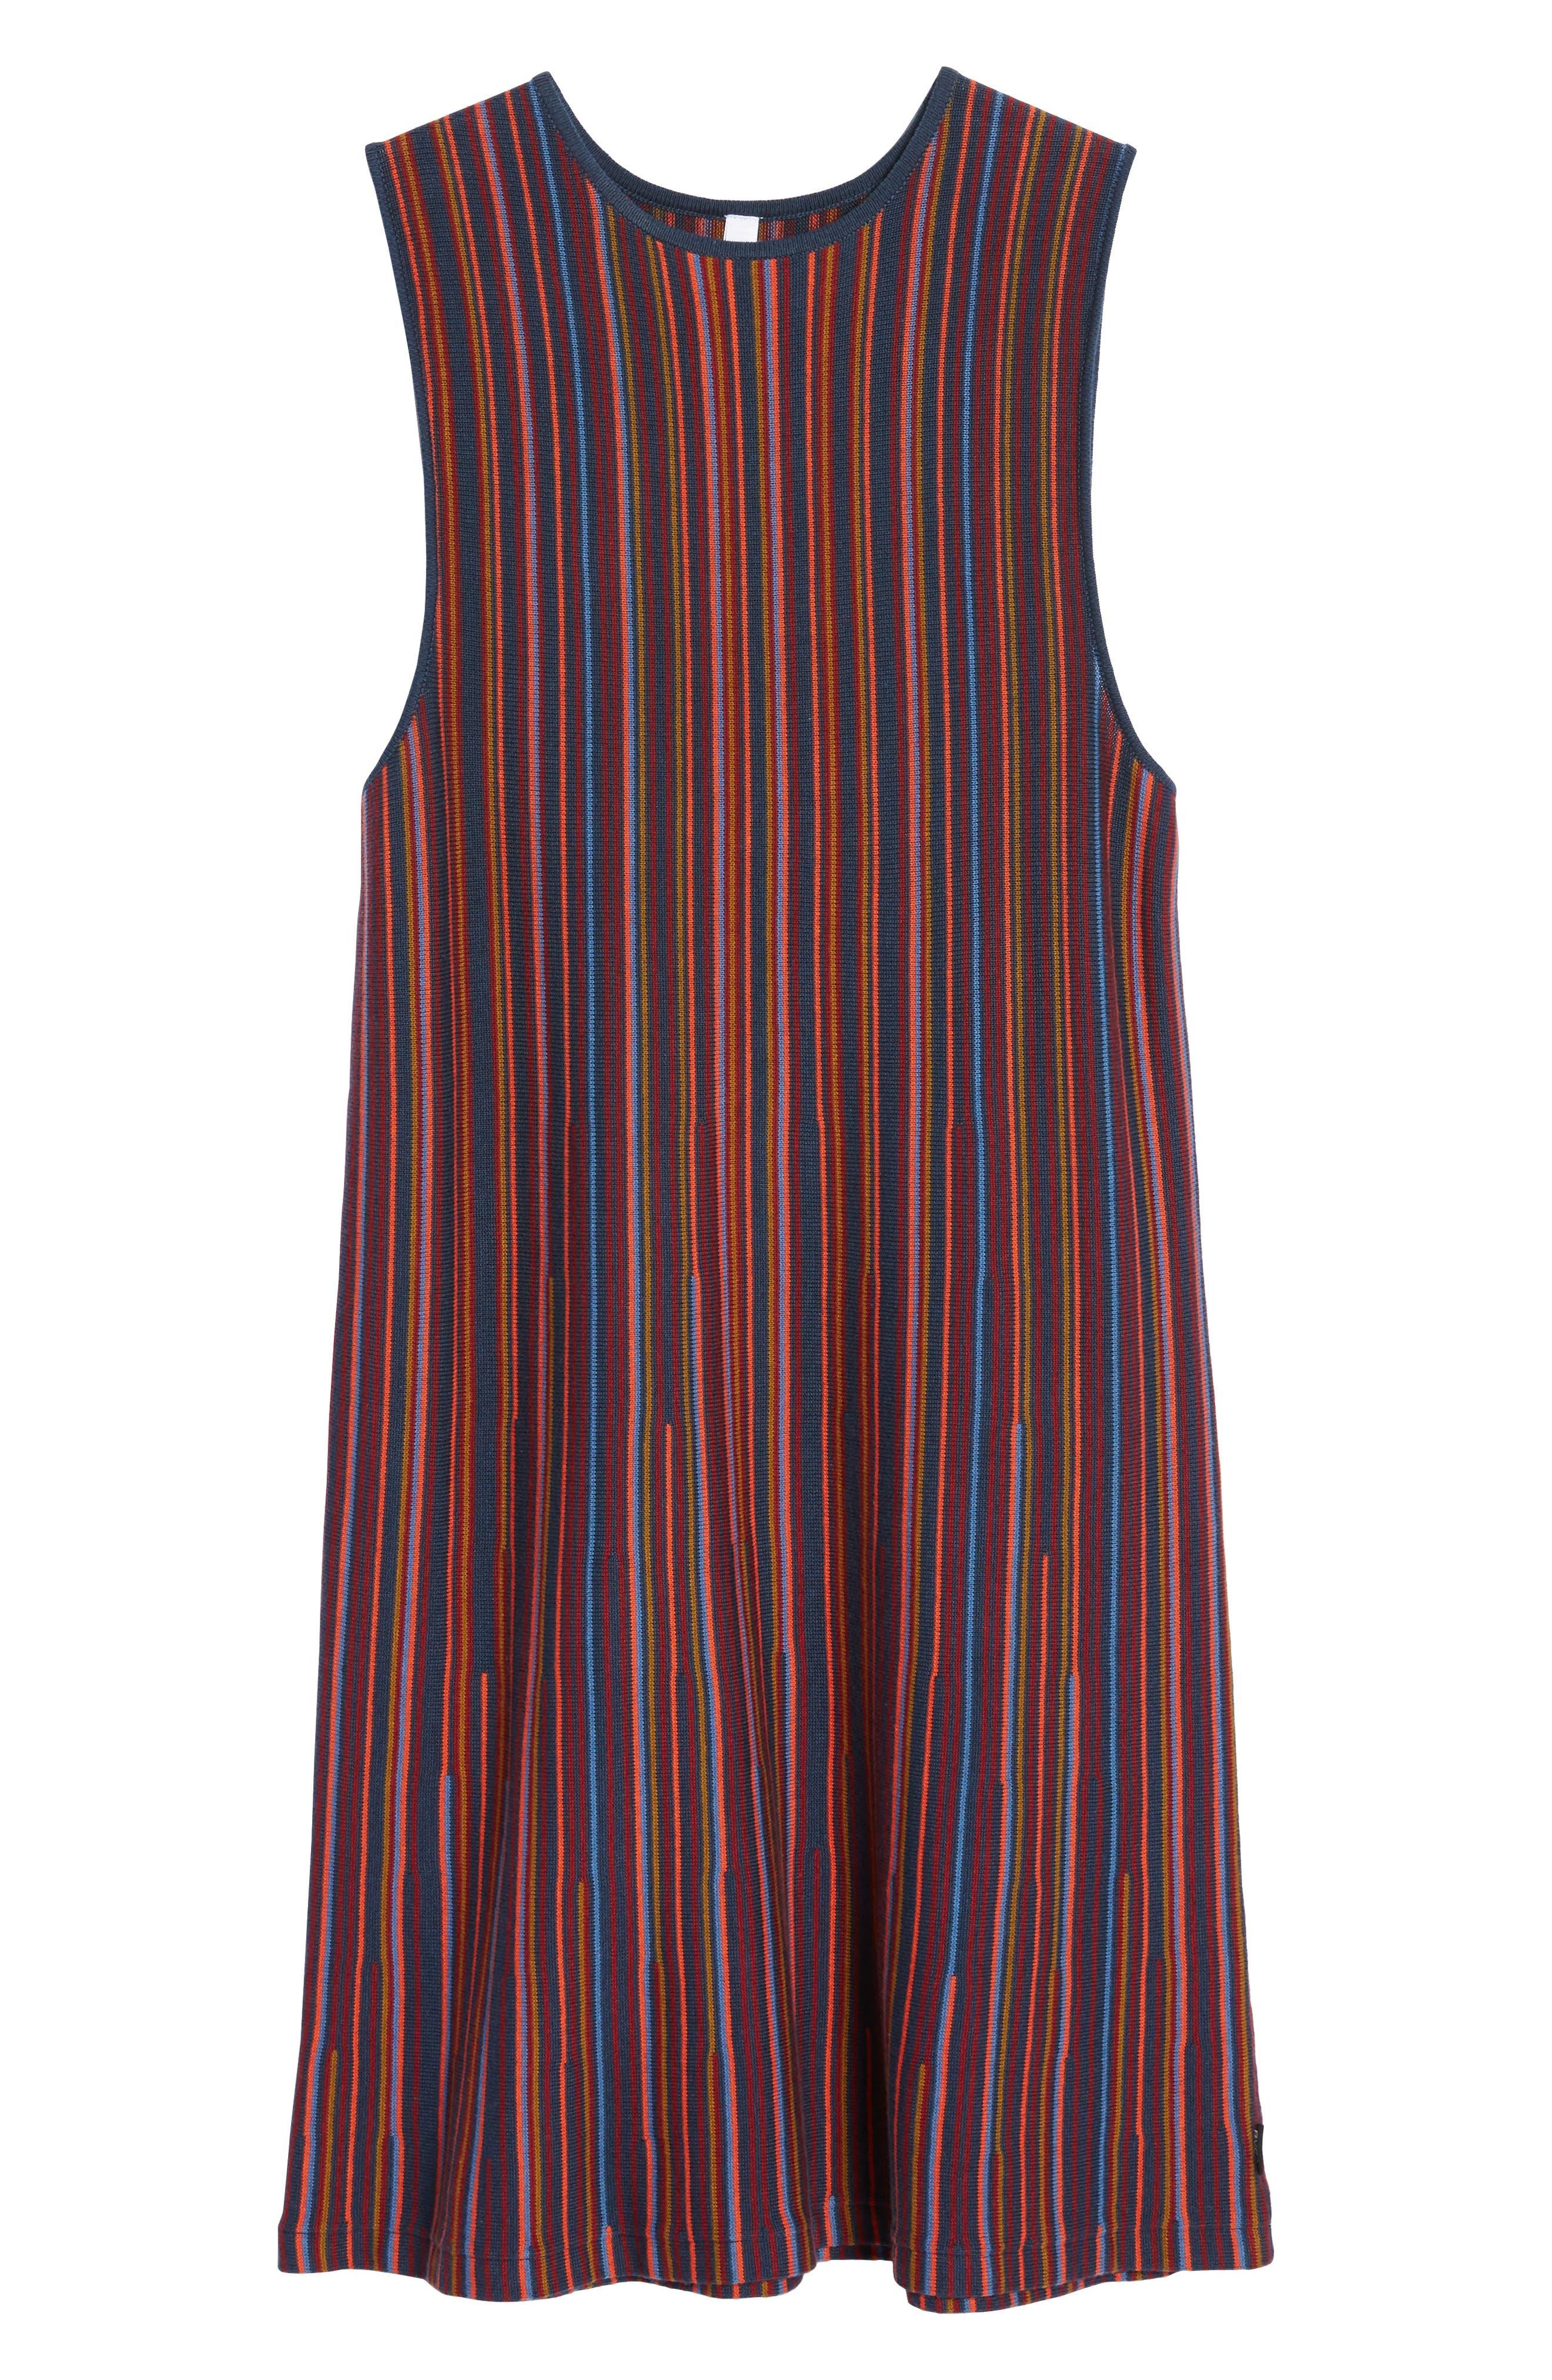 Foolish Stripe Knit Dress,                             Alternate thumbnail 6, color,                             930